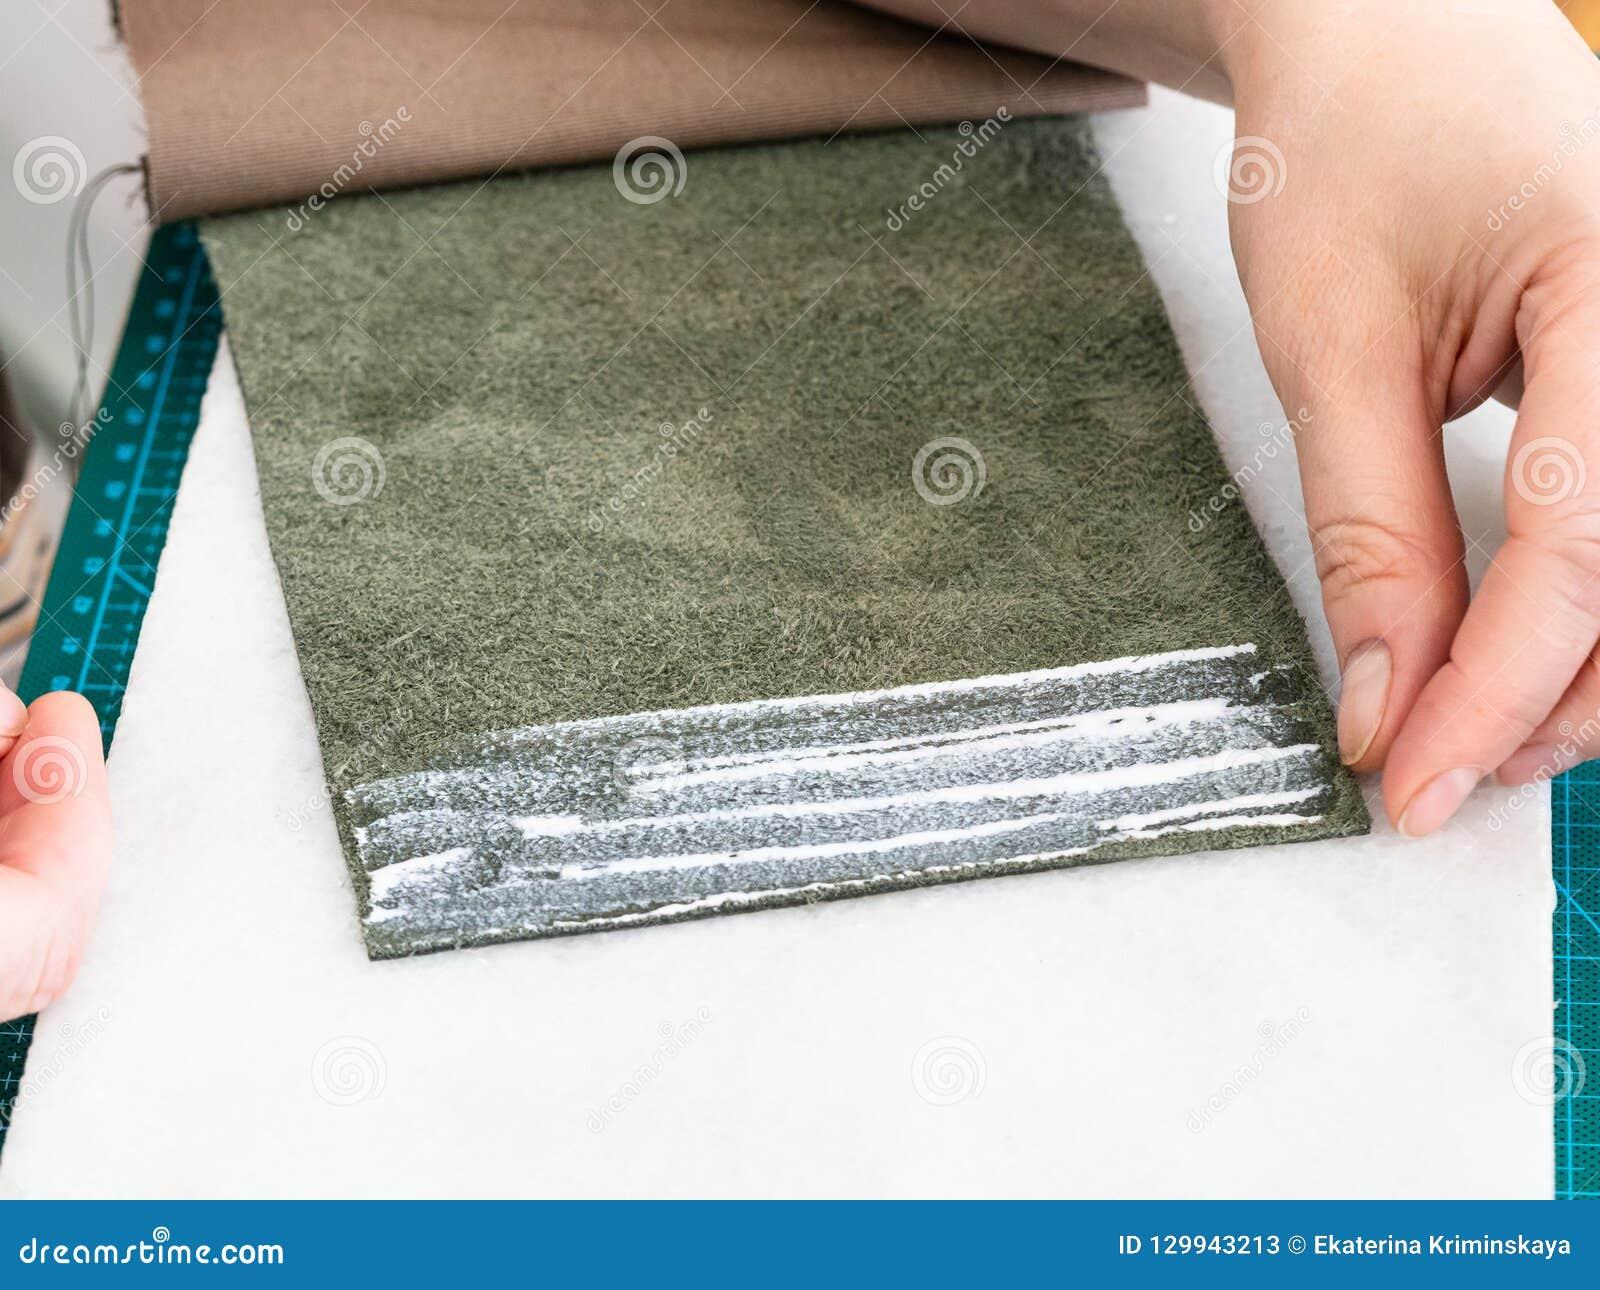 Handwerker setzt eine Schicht Kleber auf den Taschenrand